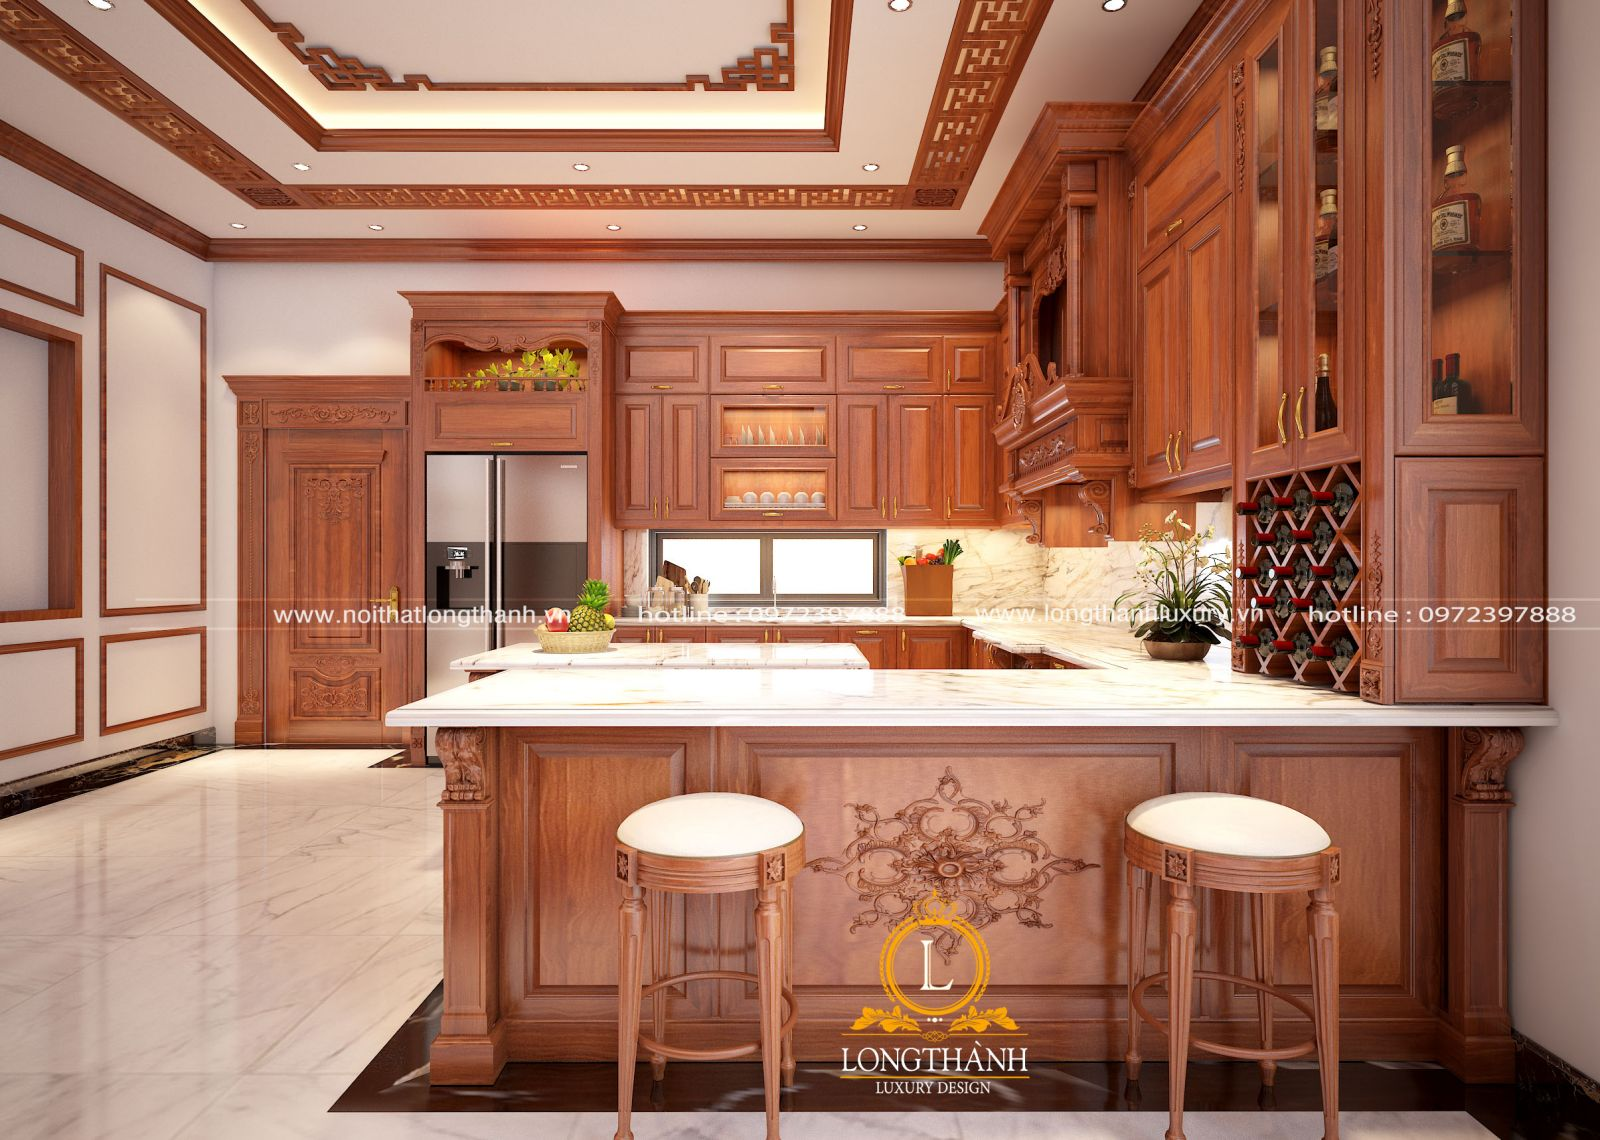 Mẫu tủ bếp gỗ Gõ LT15 cho không gian nhà rộng